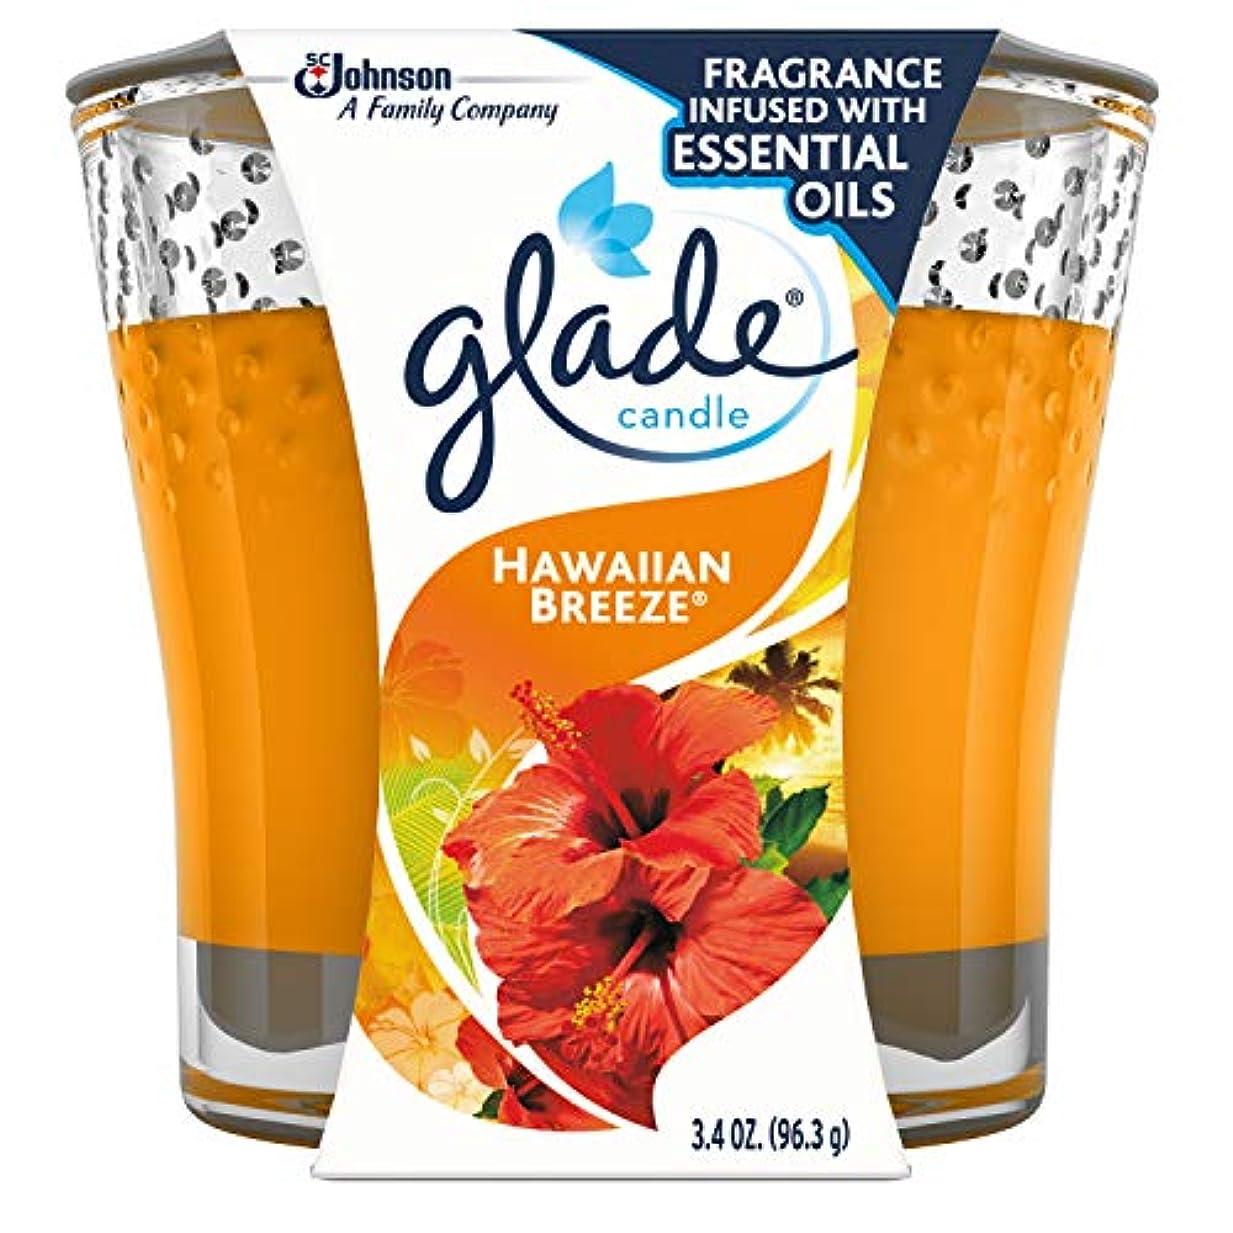 許容できるシニスやろうGlade Jar Candle Air Freshener, Hawaiian Breeze, 3.4 Ounce by Glade